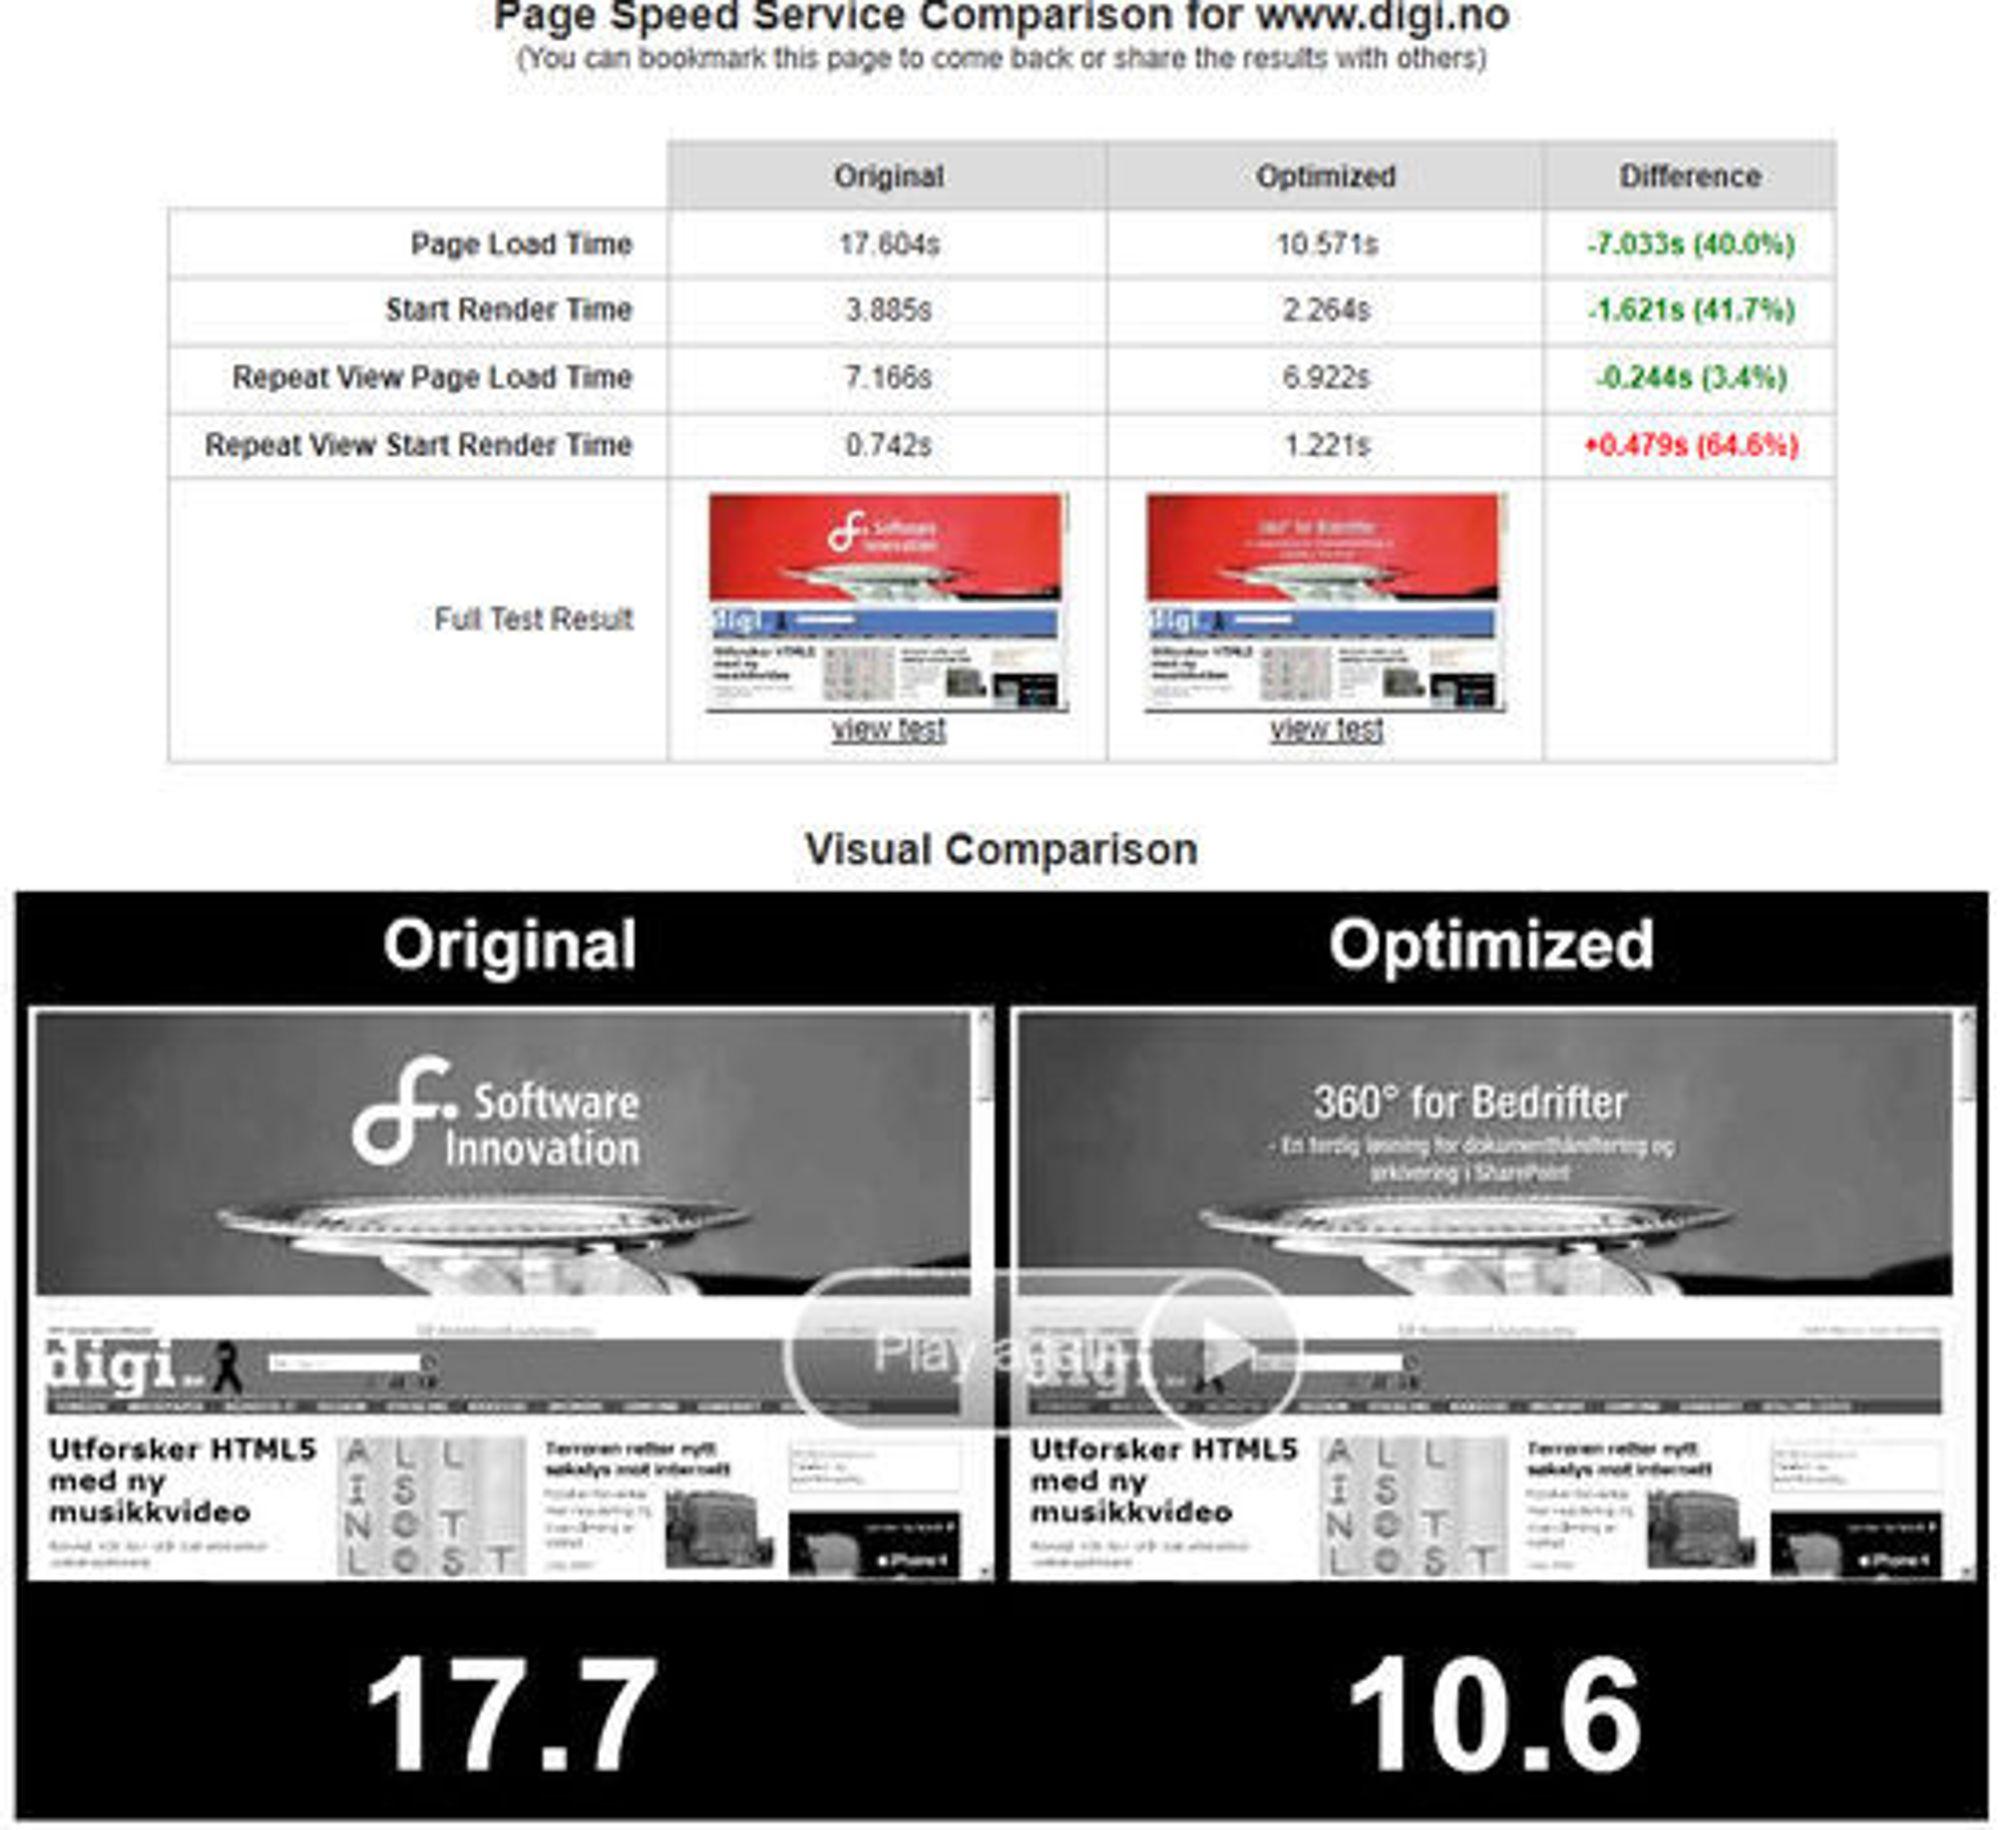 Nedlastings- og renderingtid for forsiden til digi.no. Til venstre vises originalen, til høyre vises resultatet når siden er levert via gjennom Googles Page Speed Service.